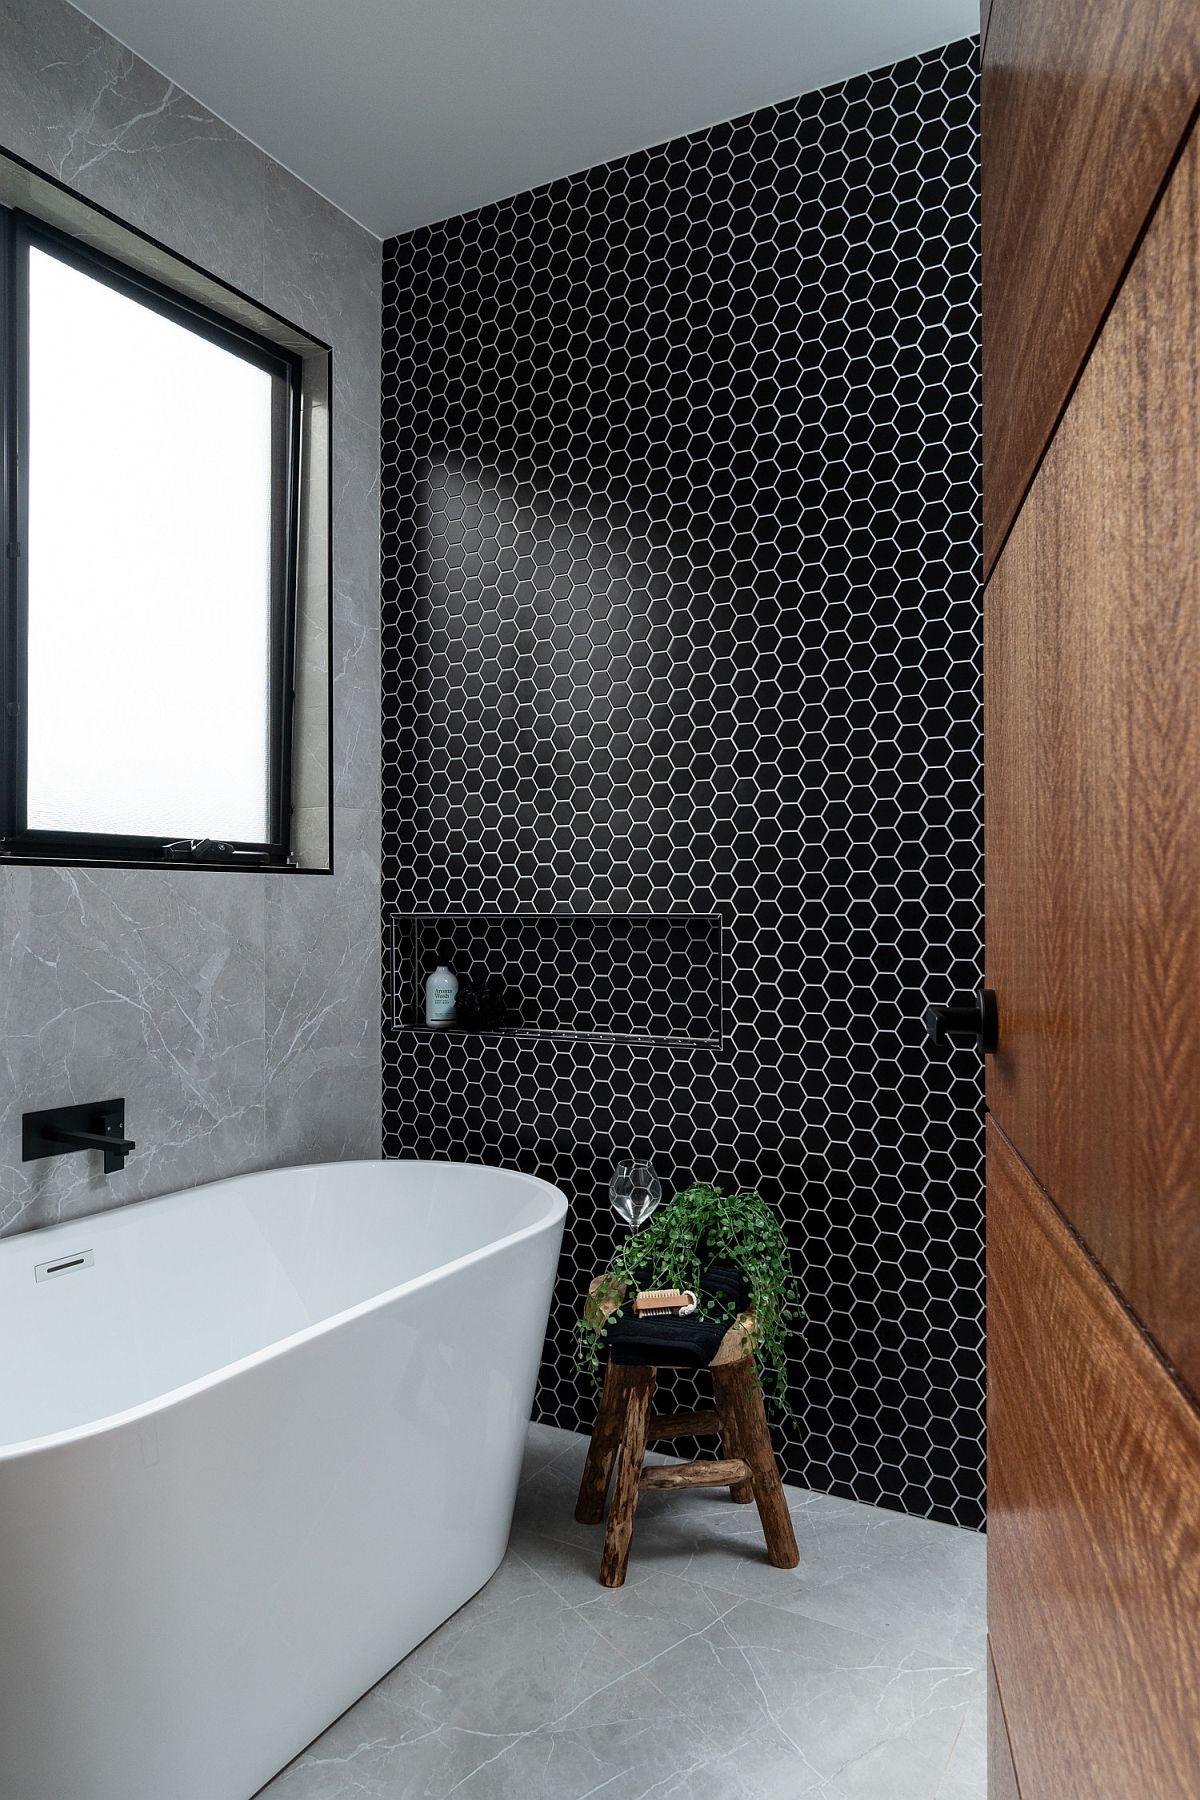 De petits carreaux hexagonaux noirs volent la vedette dans cette salle de bain moderne aux teintes neutres